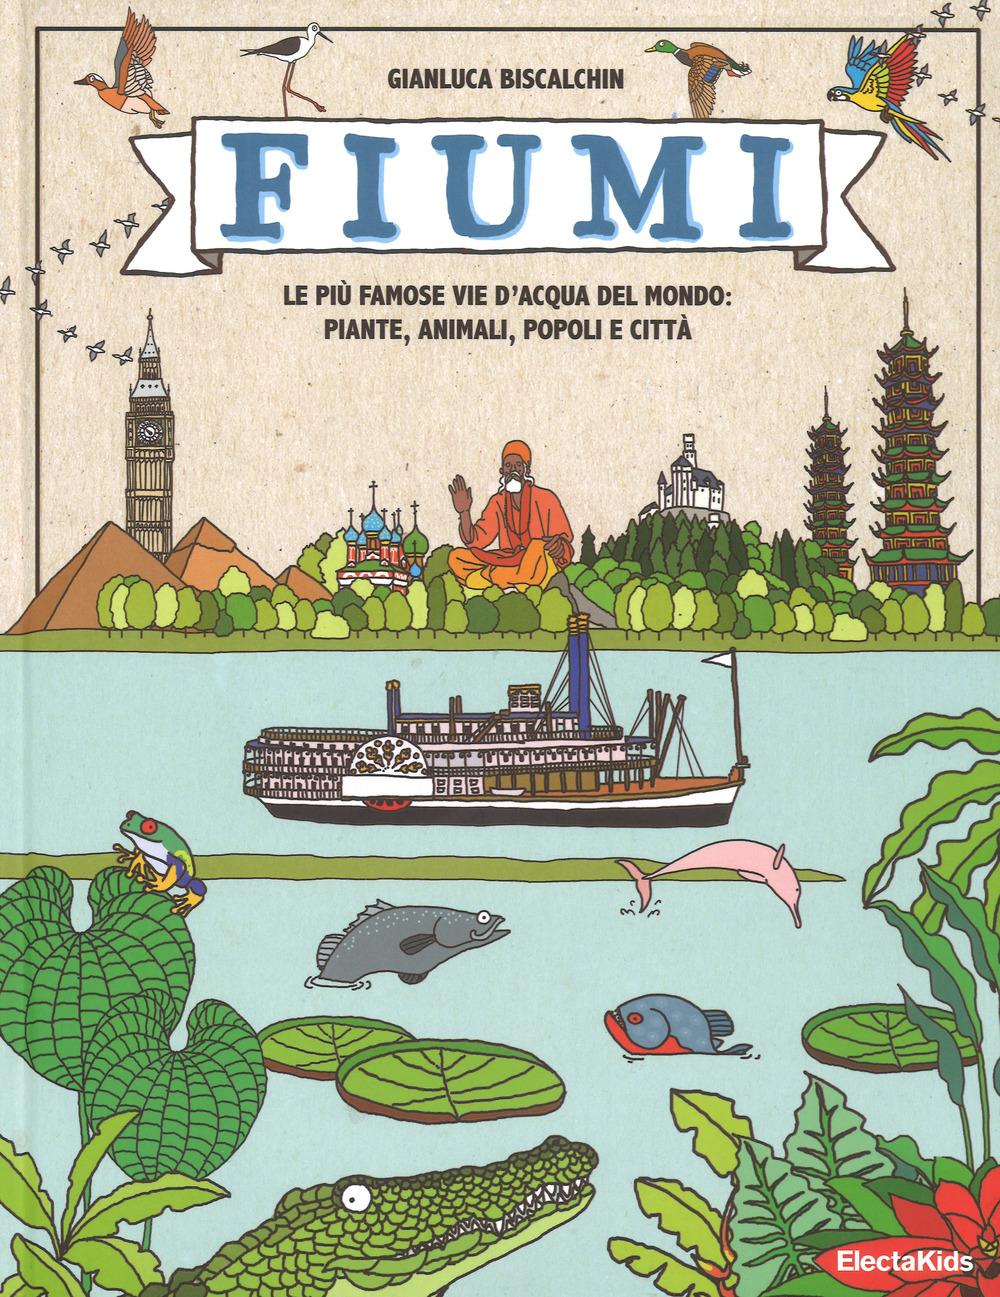 FIUMI. LE PIÙ FAMOSE VIE D'ACQUA DEL MONDO: PIANTE, ANIMALI, POPOLI E CITTÀ. EDIZ. A COLORI - 9788891813206